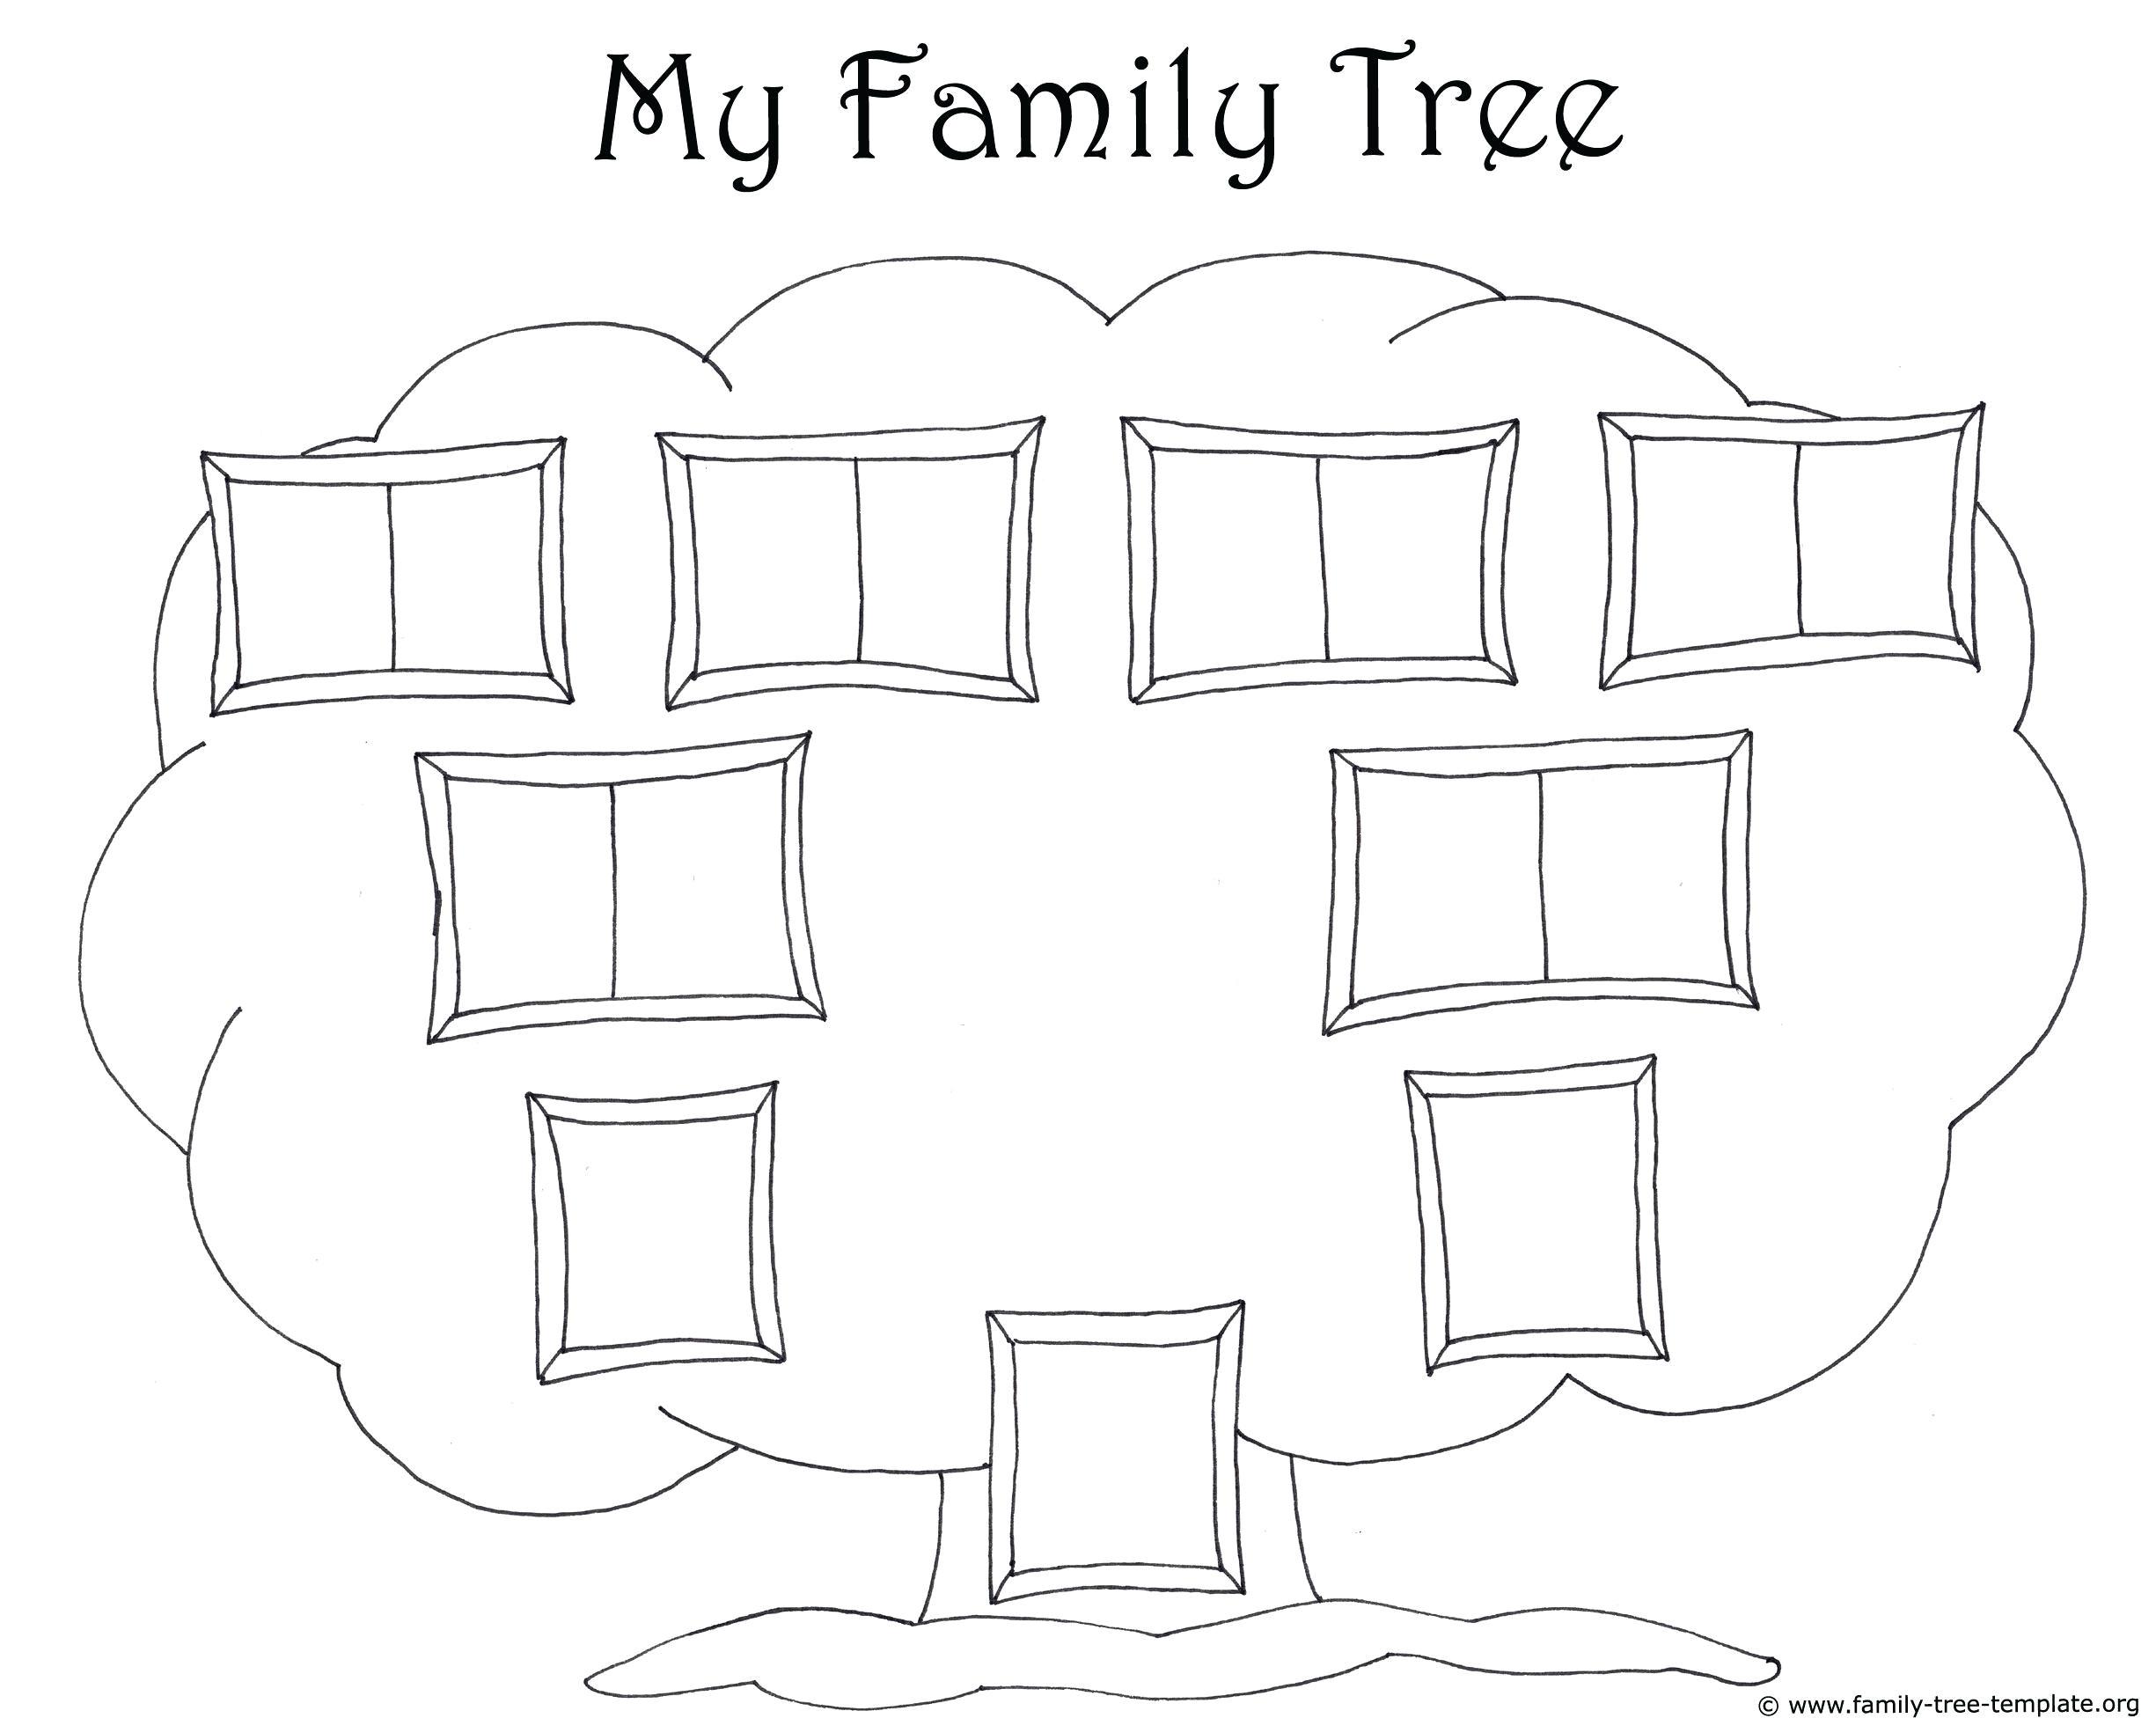 Fingerprint Template for Kids Diagram Printable Blank Family Tree Diagram